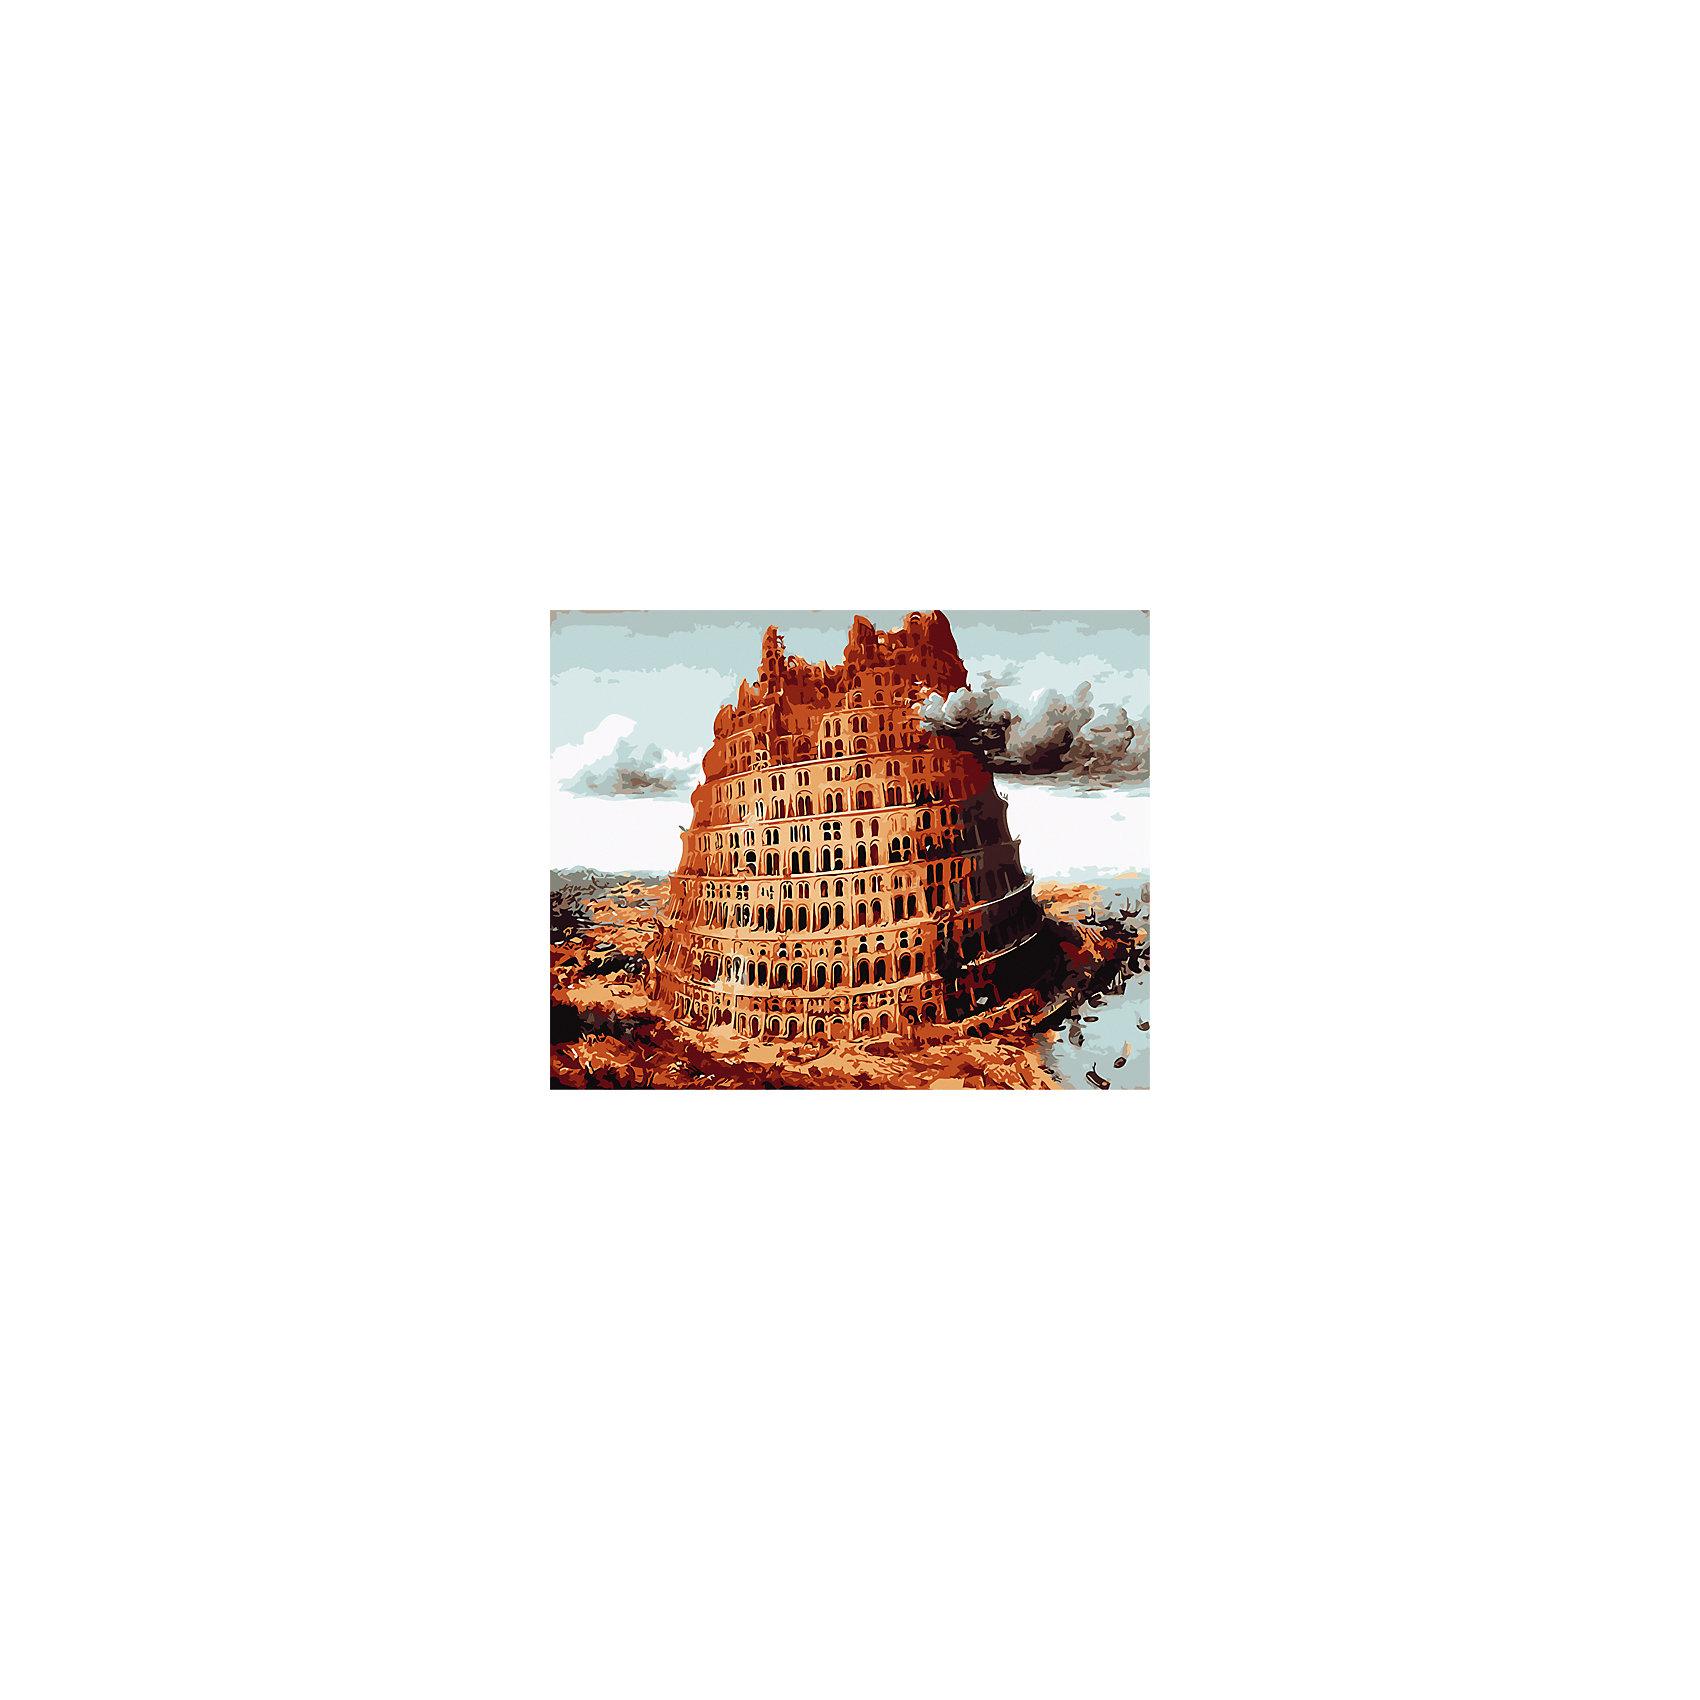 Холст с красками по номерам Вавилонская башня 40х50 смРисование<br>замечательные наборы для создания уникального шедевра изобразительного искусства. Создание картин на специально подготовленной рабочей поверхности – это уникальная техника, позволяющая делать Ваши шедевры более яркими и реалистичными. Просто нанесите мазки на уже готовый эскиз и оживите картину! Готовые изделия могут стать украшением интерьера или прекрасным подарком близким и друзьям.<br><br>Ширина мм: 510<br>Глубина мм: 410<br>Высота мм: 25<br>Вес г: 900<br>Возраст от месяцев: 36<br>Возраст до месяцев: 108<br>Пол: Унисекс<br>Возраст: Детский<br>SKU: 5096753